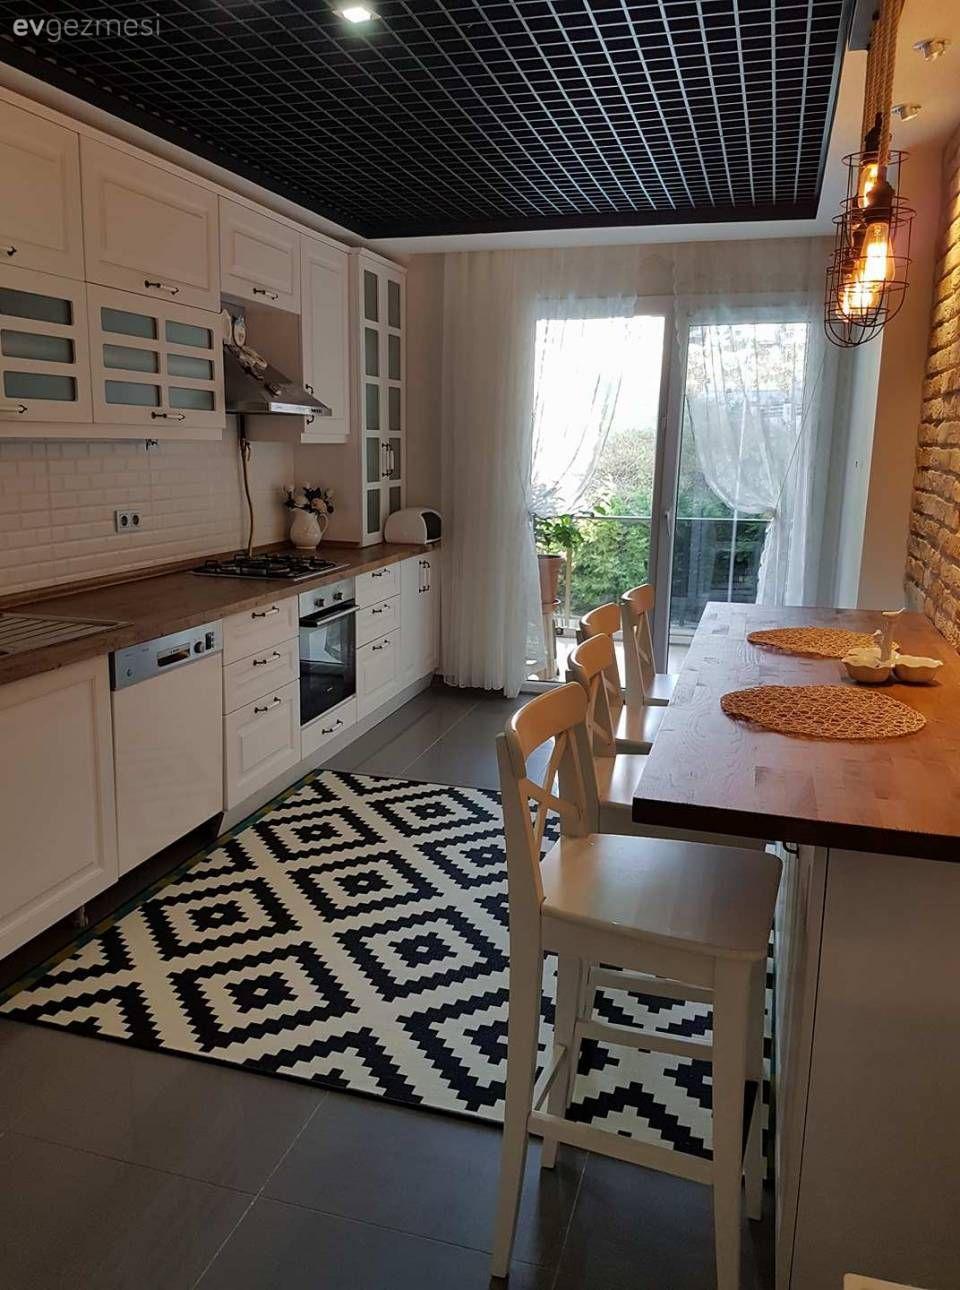 Doğal ve zarif mutfak dekoru için önerileriniz.. - 1 #evdekoru